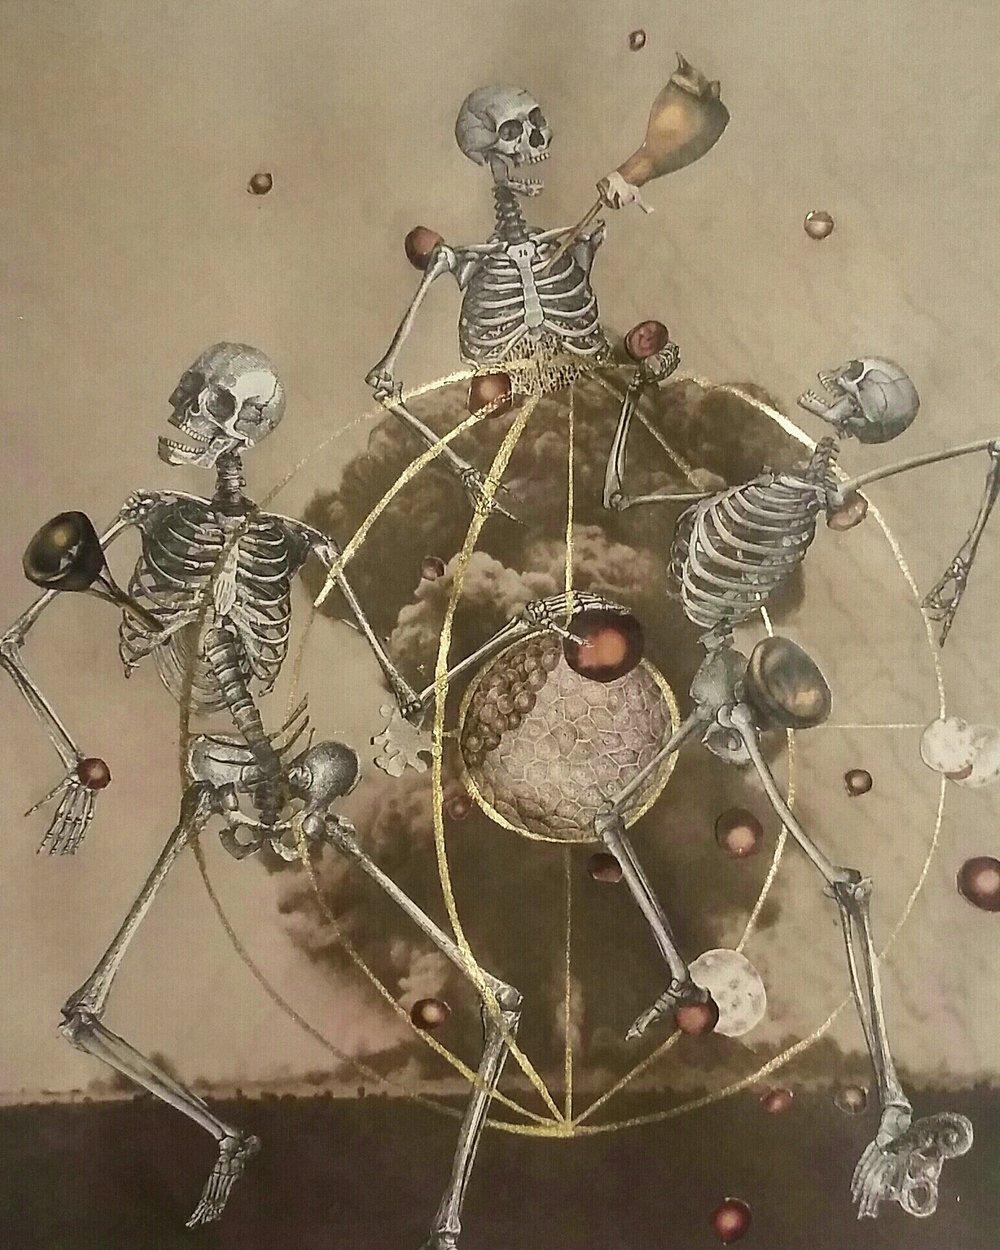 danse macabre.jpg